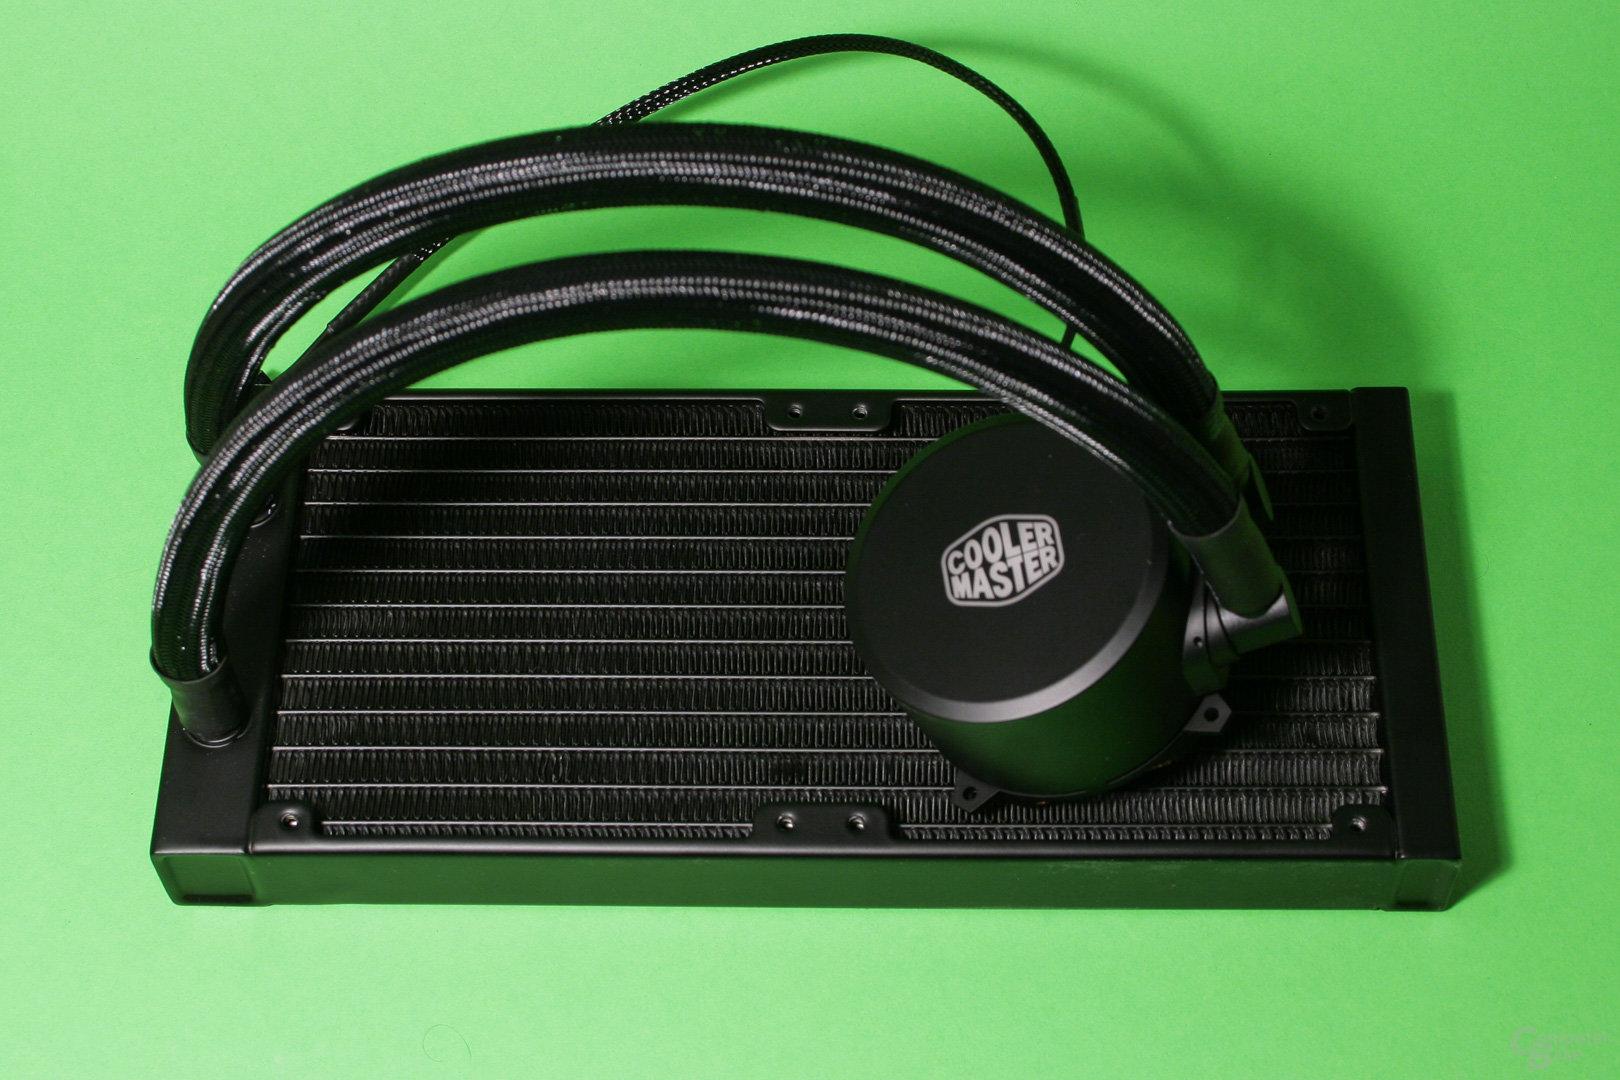 Cooler Master Masterliquid 240